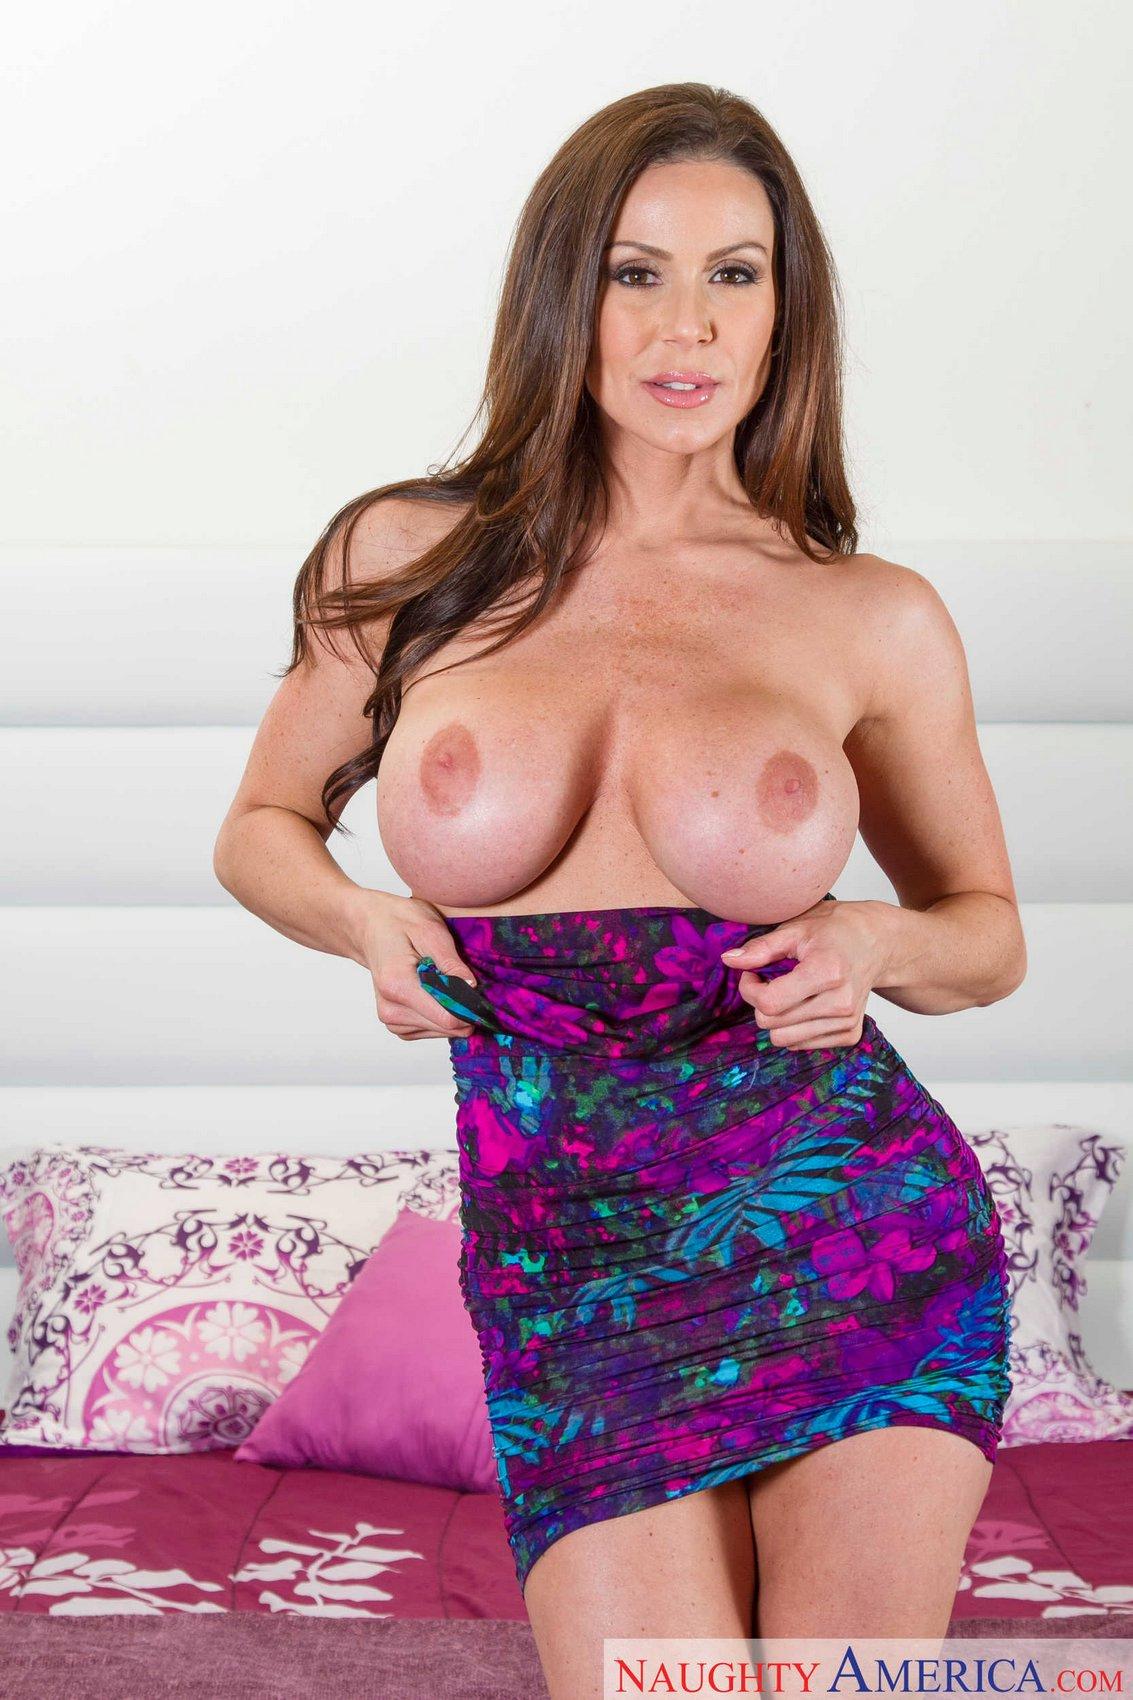 Massive Natural Tits Porn